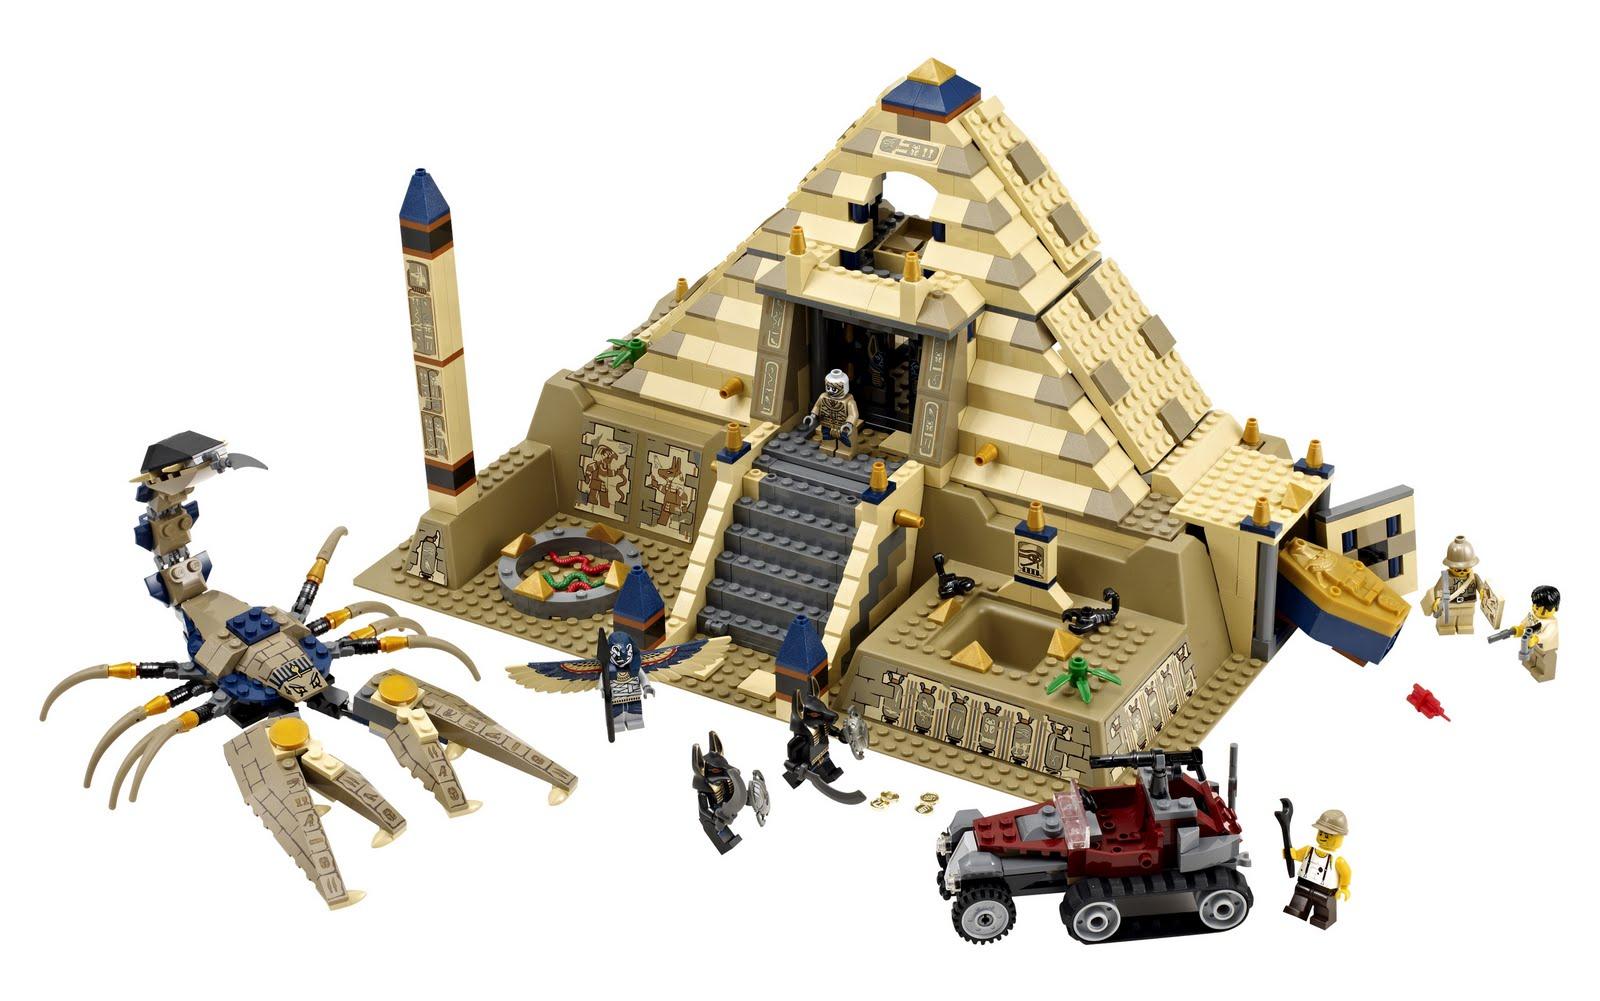 Wwwonetwobricknet LEGO Set Database 7327 Scorpion Pyramid